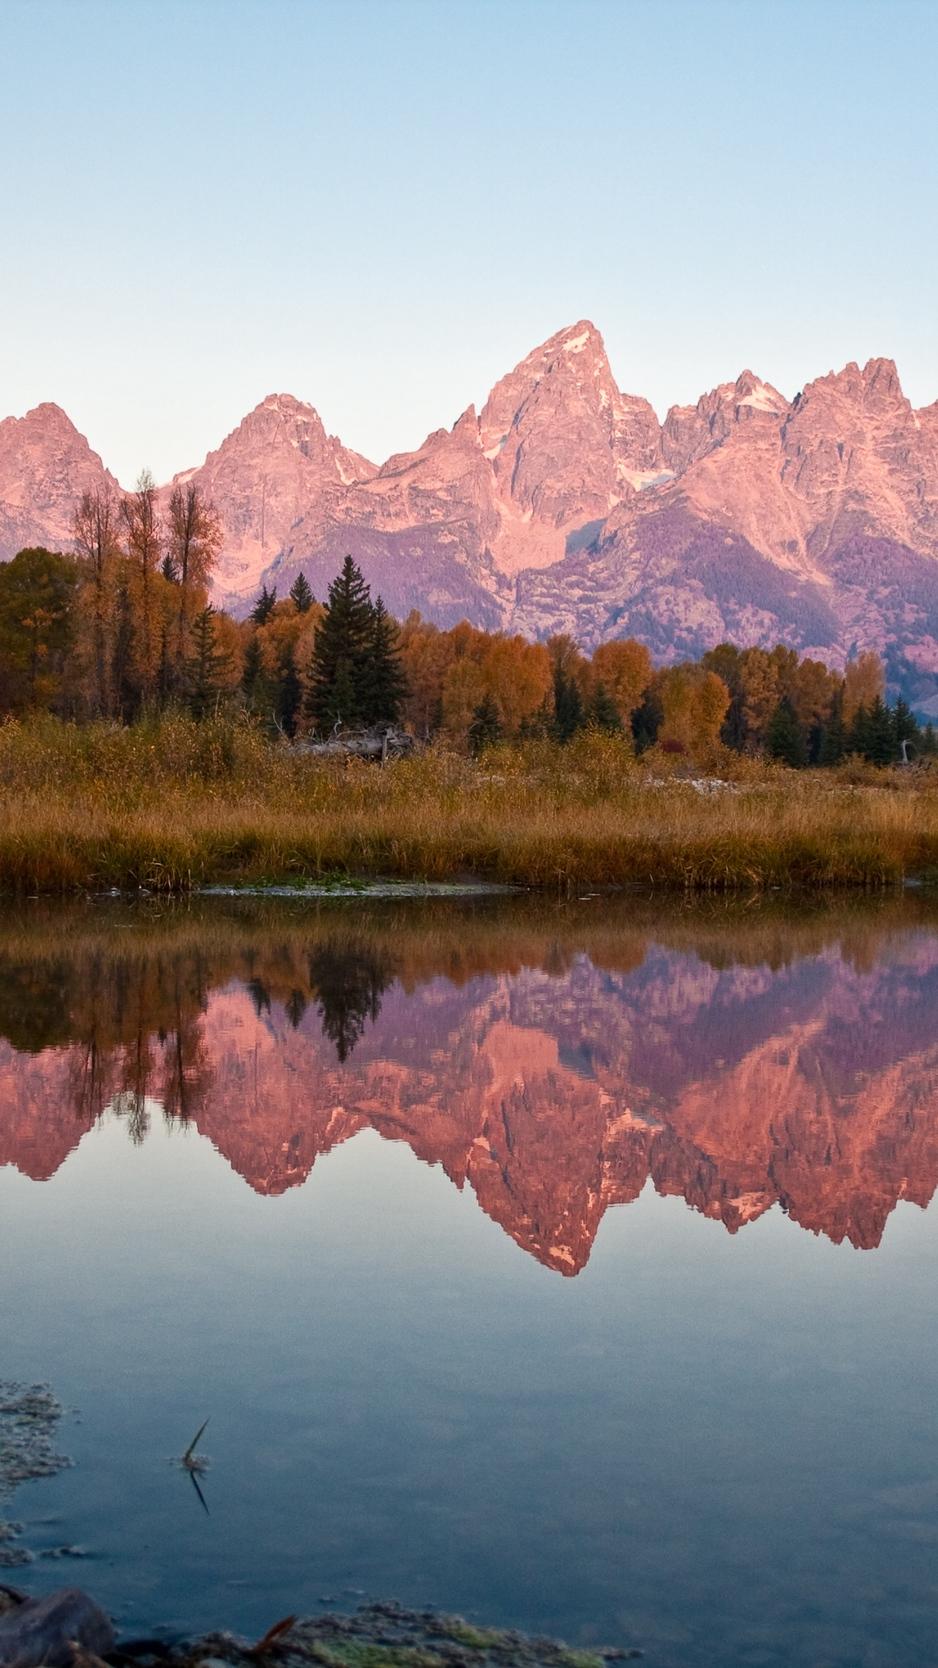 Wallpaper Autumn, Mountains, Reflection, Evening - Grand Teton National Park , HD Wallpaper & Backgrounds